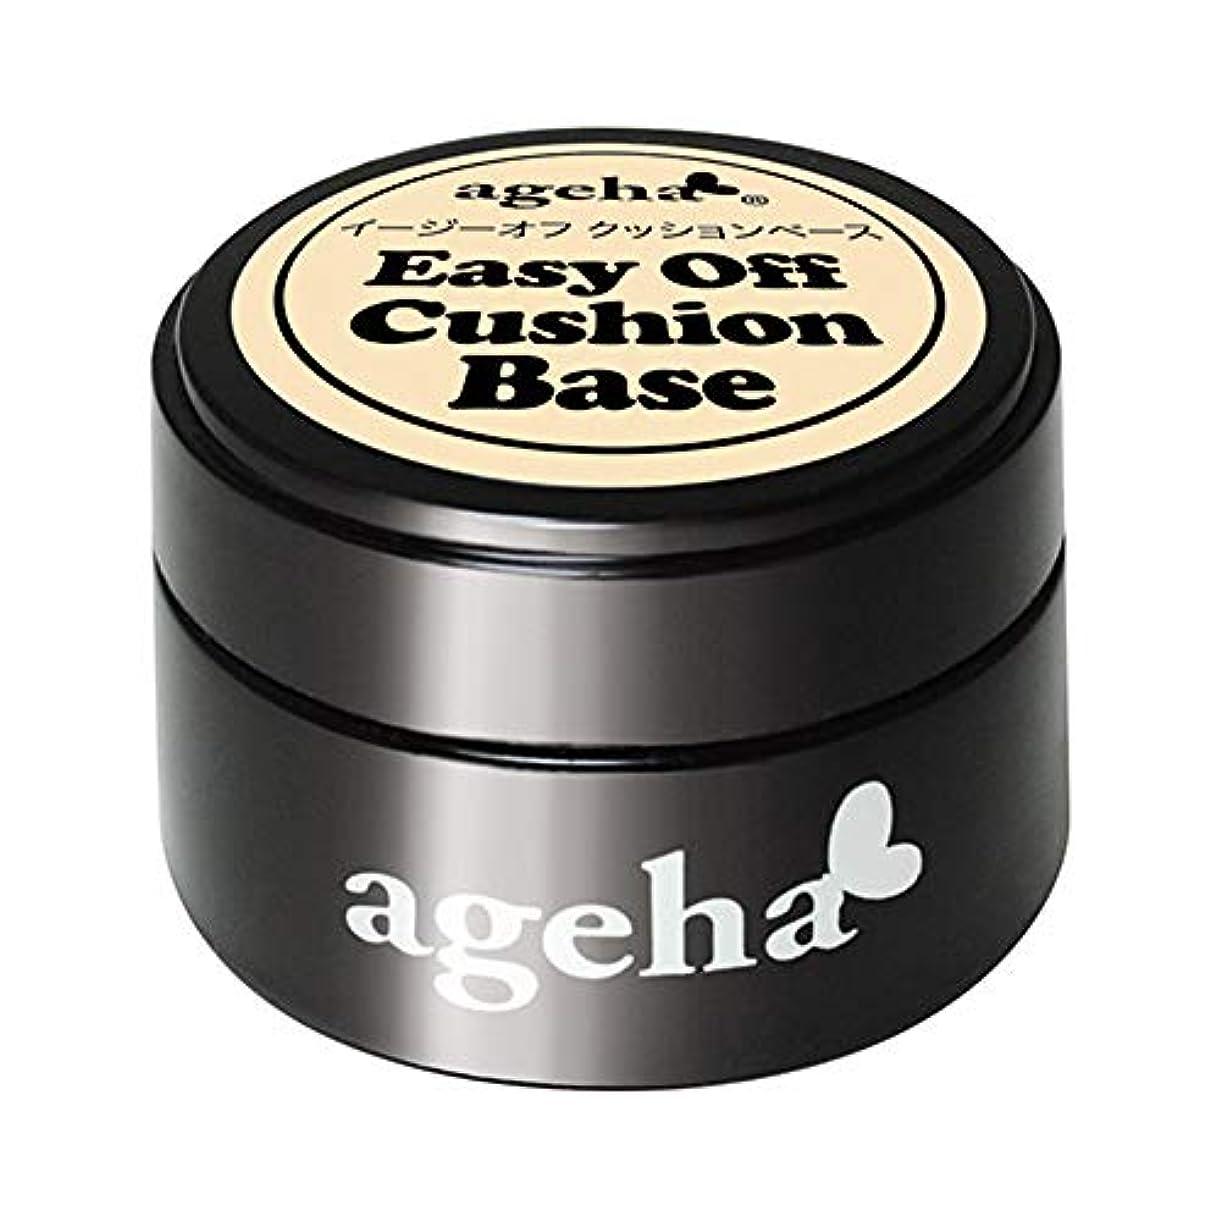 行き当たりばったり嫌がらせ暗いagehagel(アゲハジェル) ageha イージーオフ クッションベース 7.5g UV/LED対応 ジェルネイル